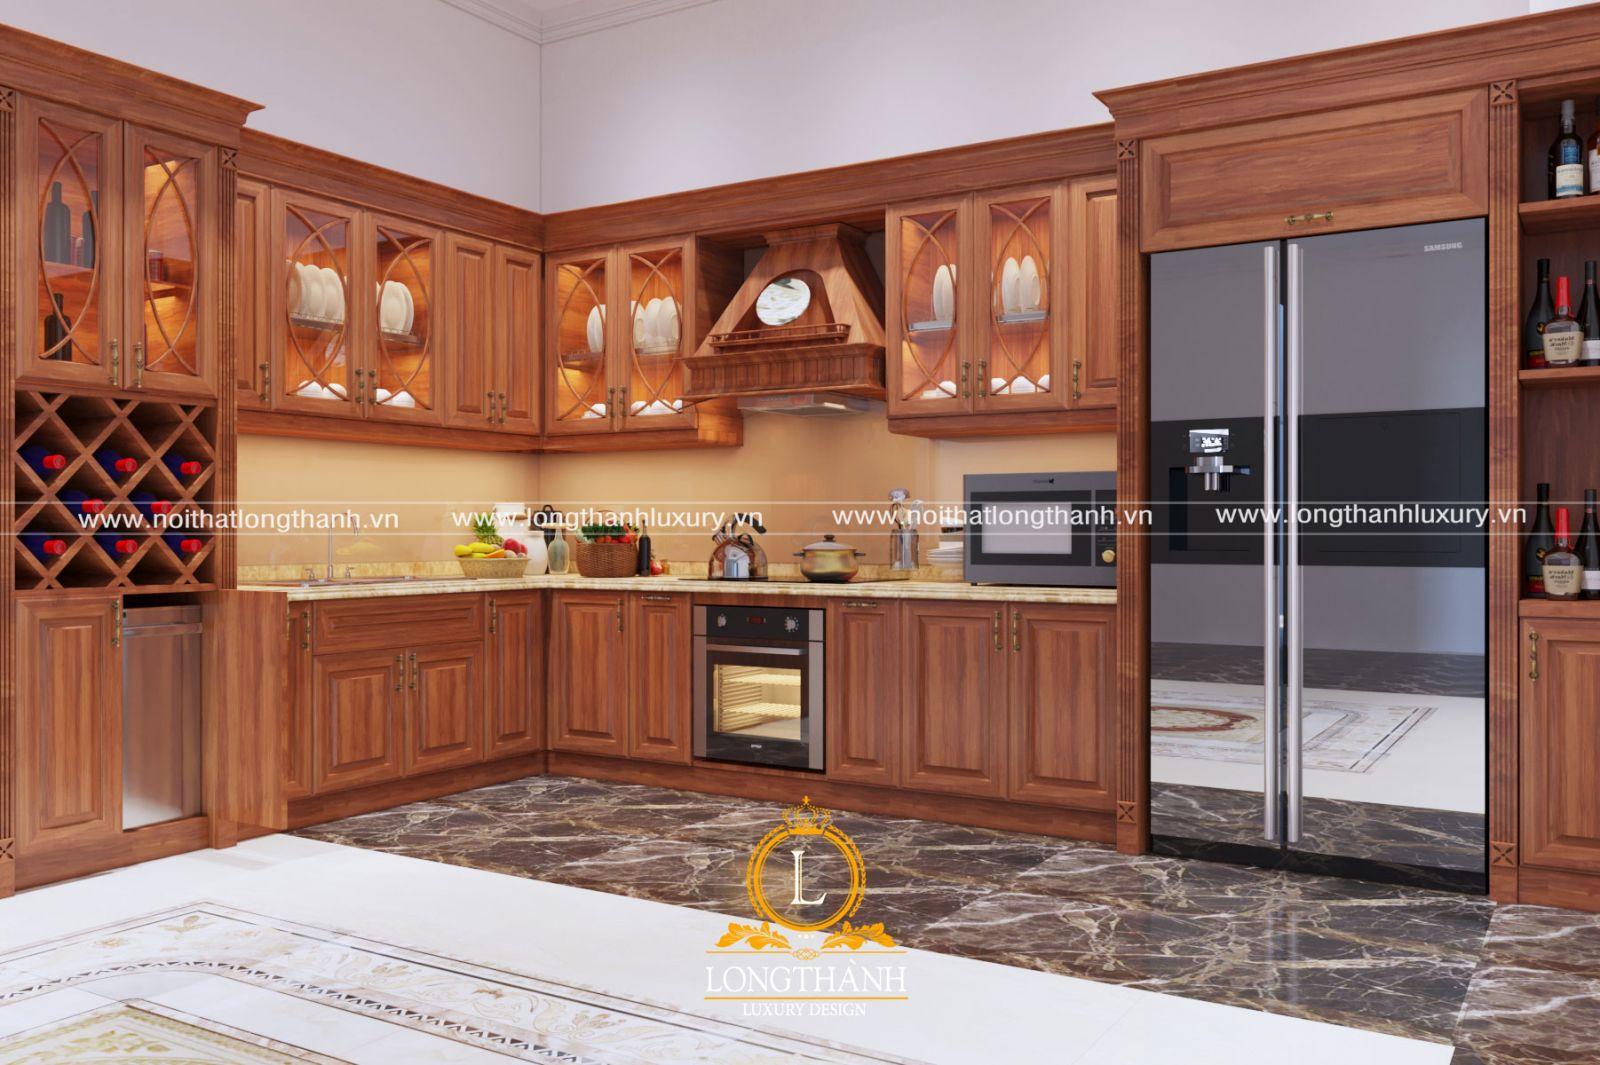 Tủ bếp tân cổ điển gam màu vàng sáng đẹp phù hợp với người mệnh hỏa